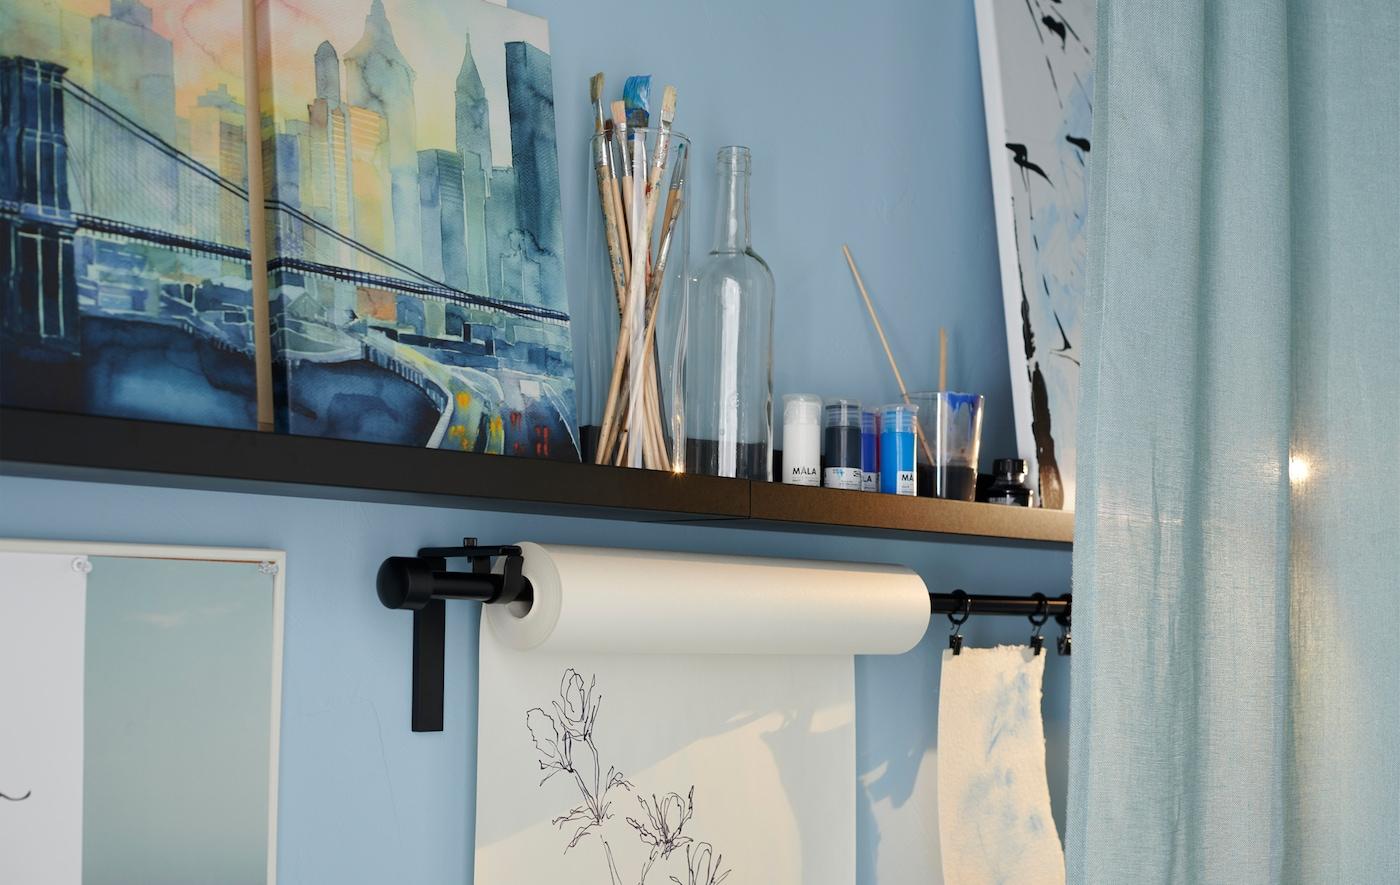 Scopri come realizzare su una parete una postazione creativa permanente che ti consenta di liberare la vena artistica in qualsiasi momento. Per esporre le tue opere, prova la mensola per quadri nera MOSSLANDA di IKEA.